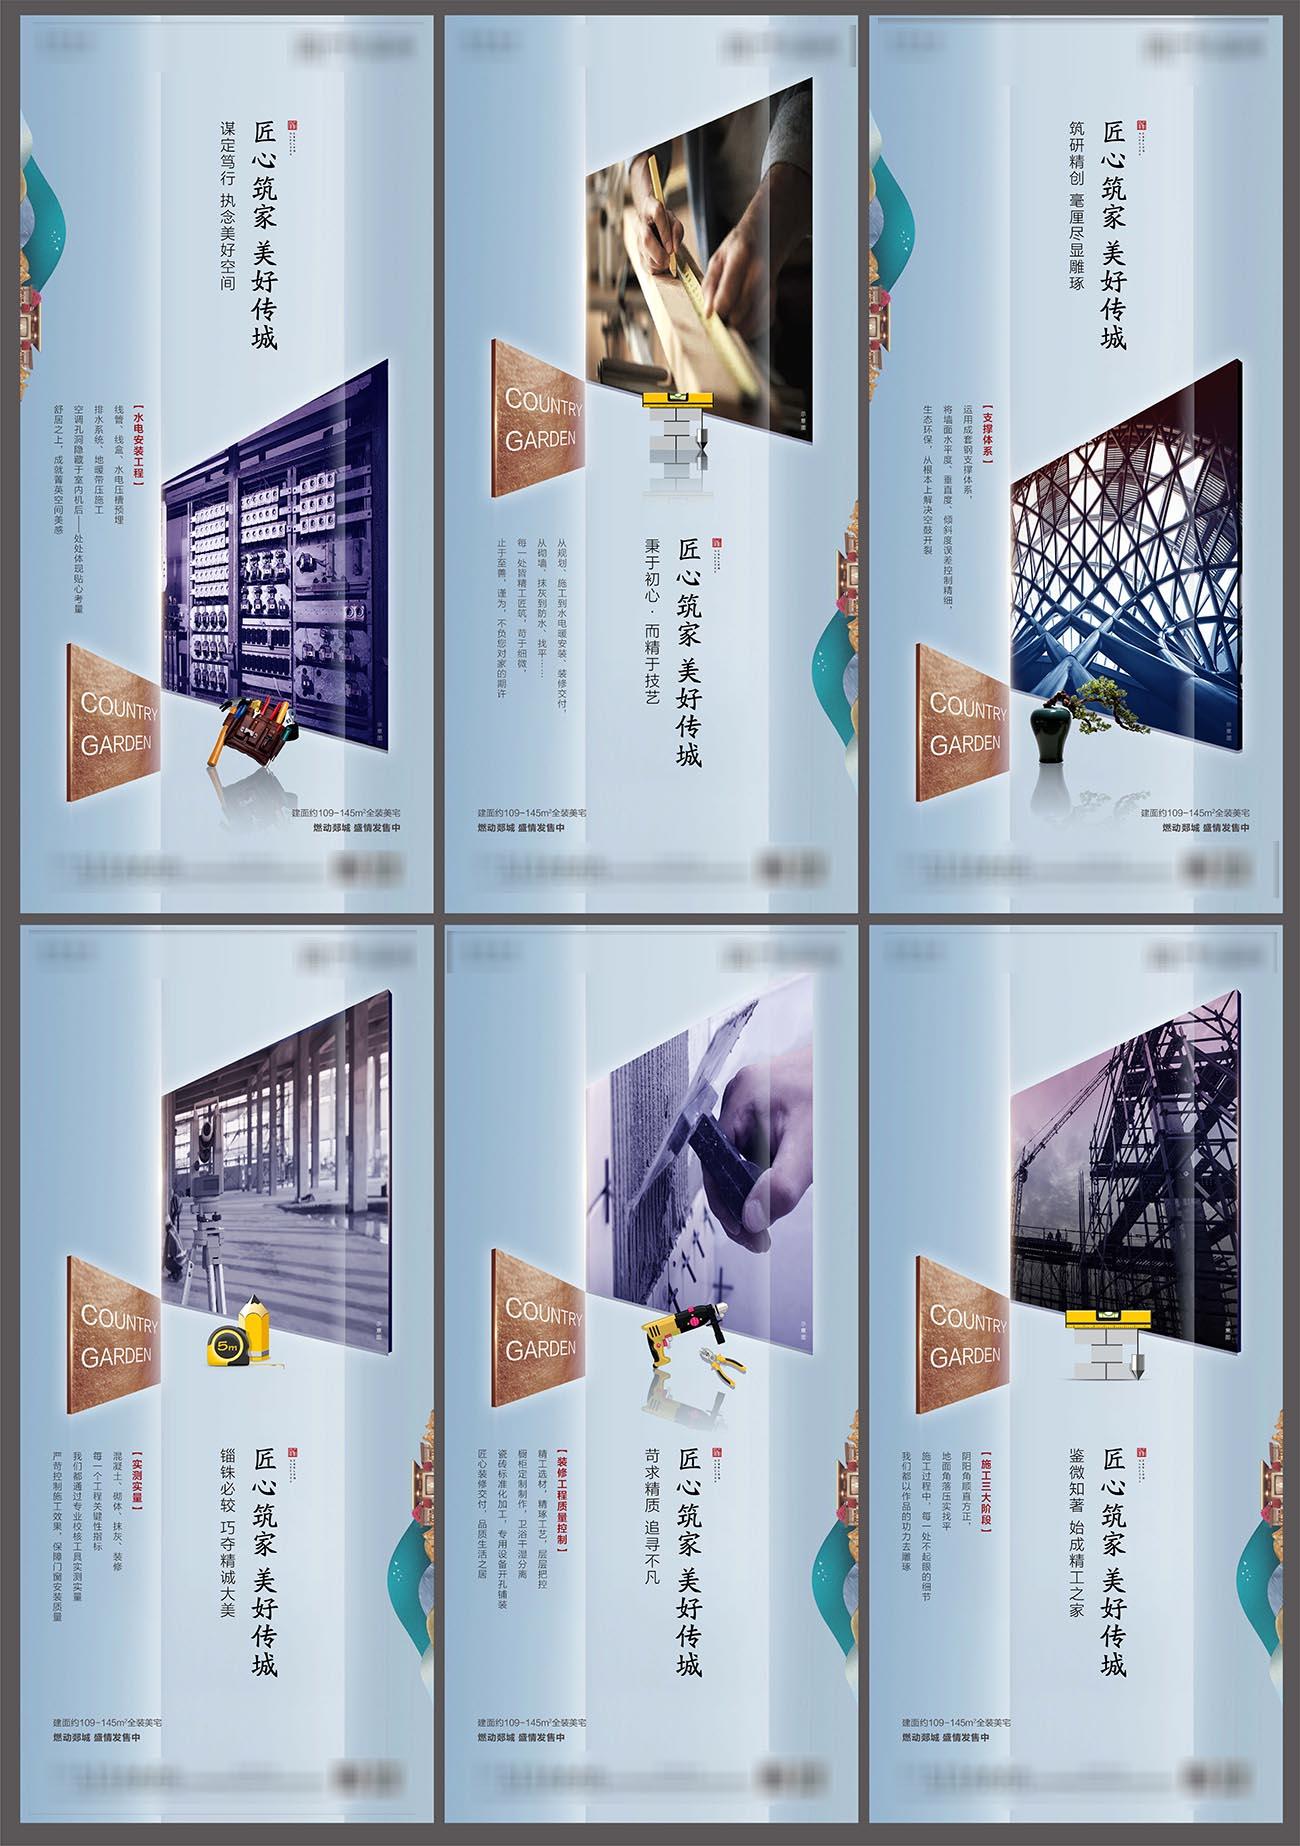 房地产匠心品牌系列单图AI源文件插图